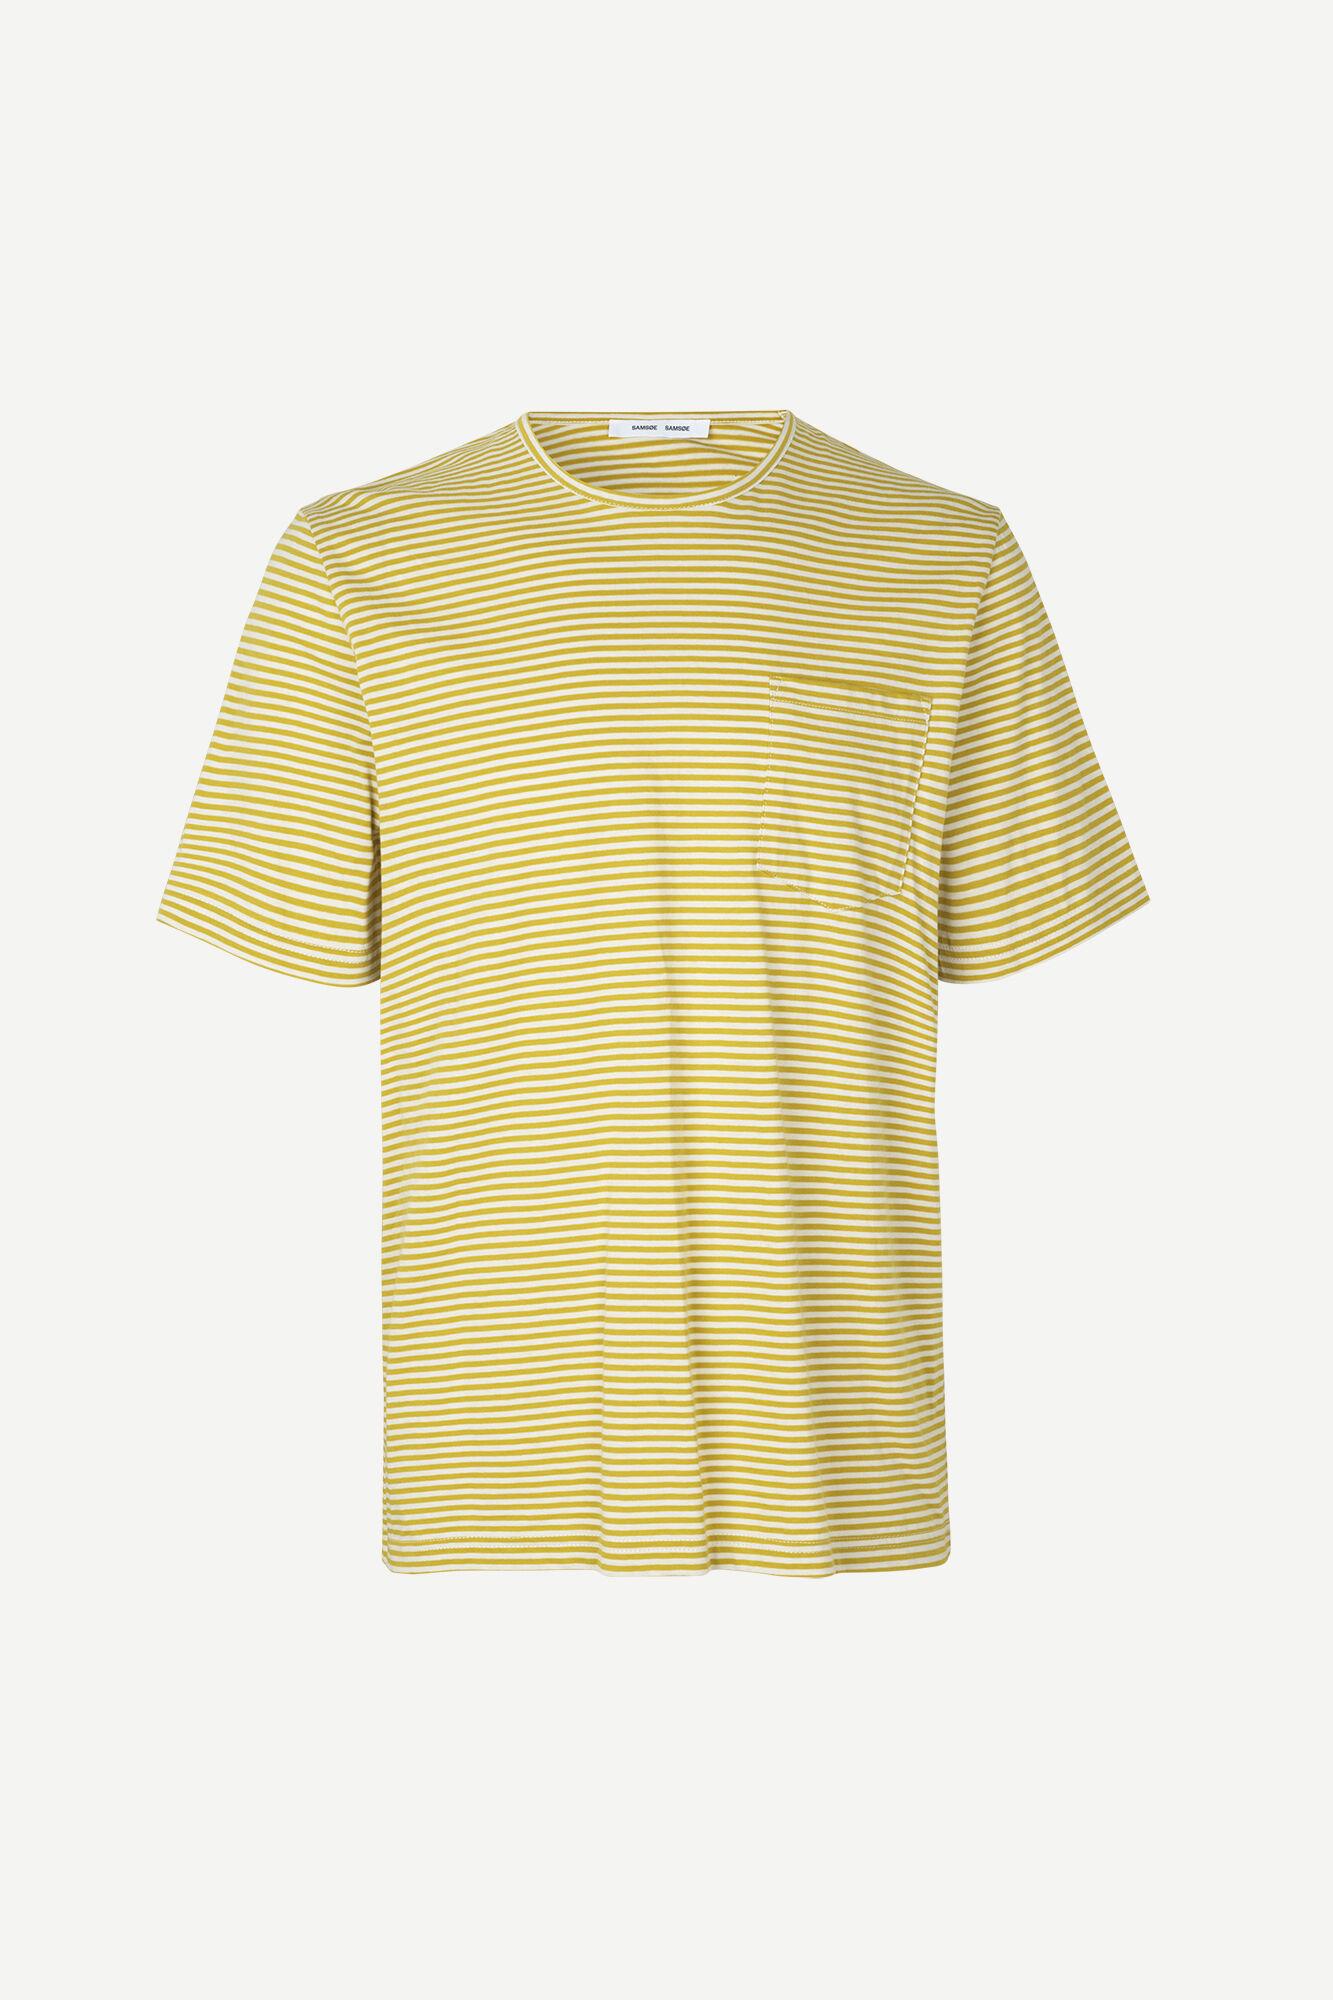 Finn t-shirt st 11568, GREEN SULPHUR ST.